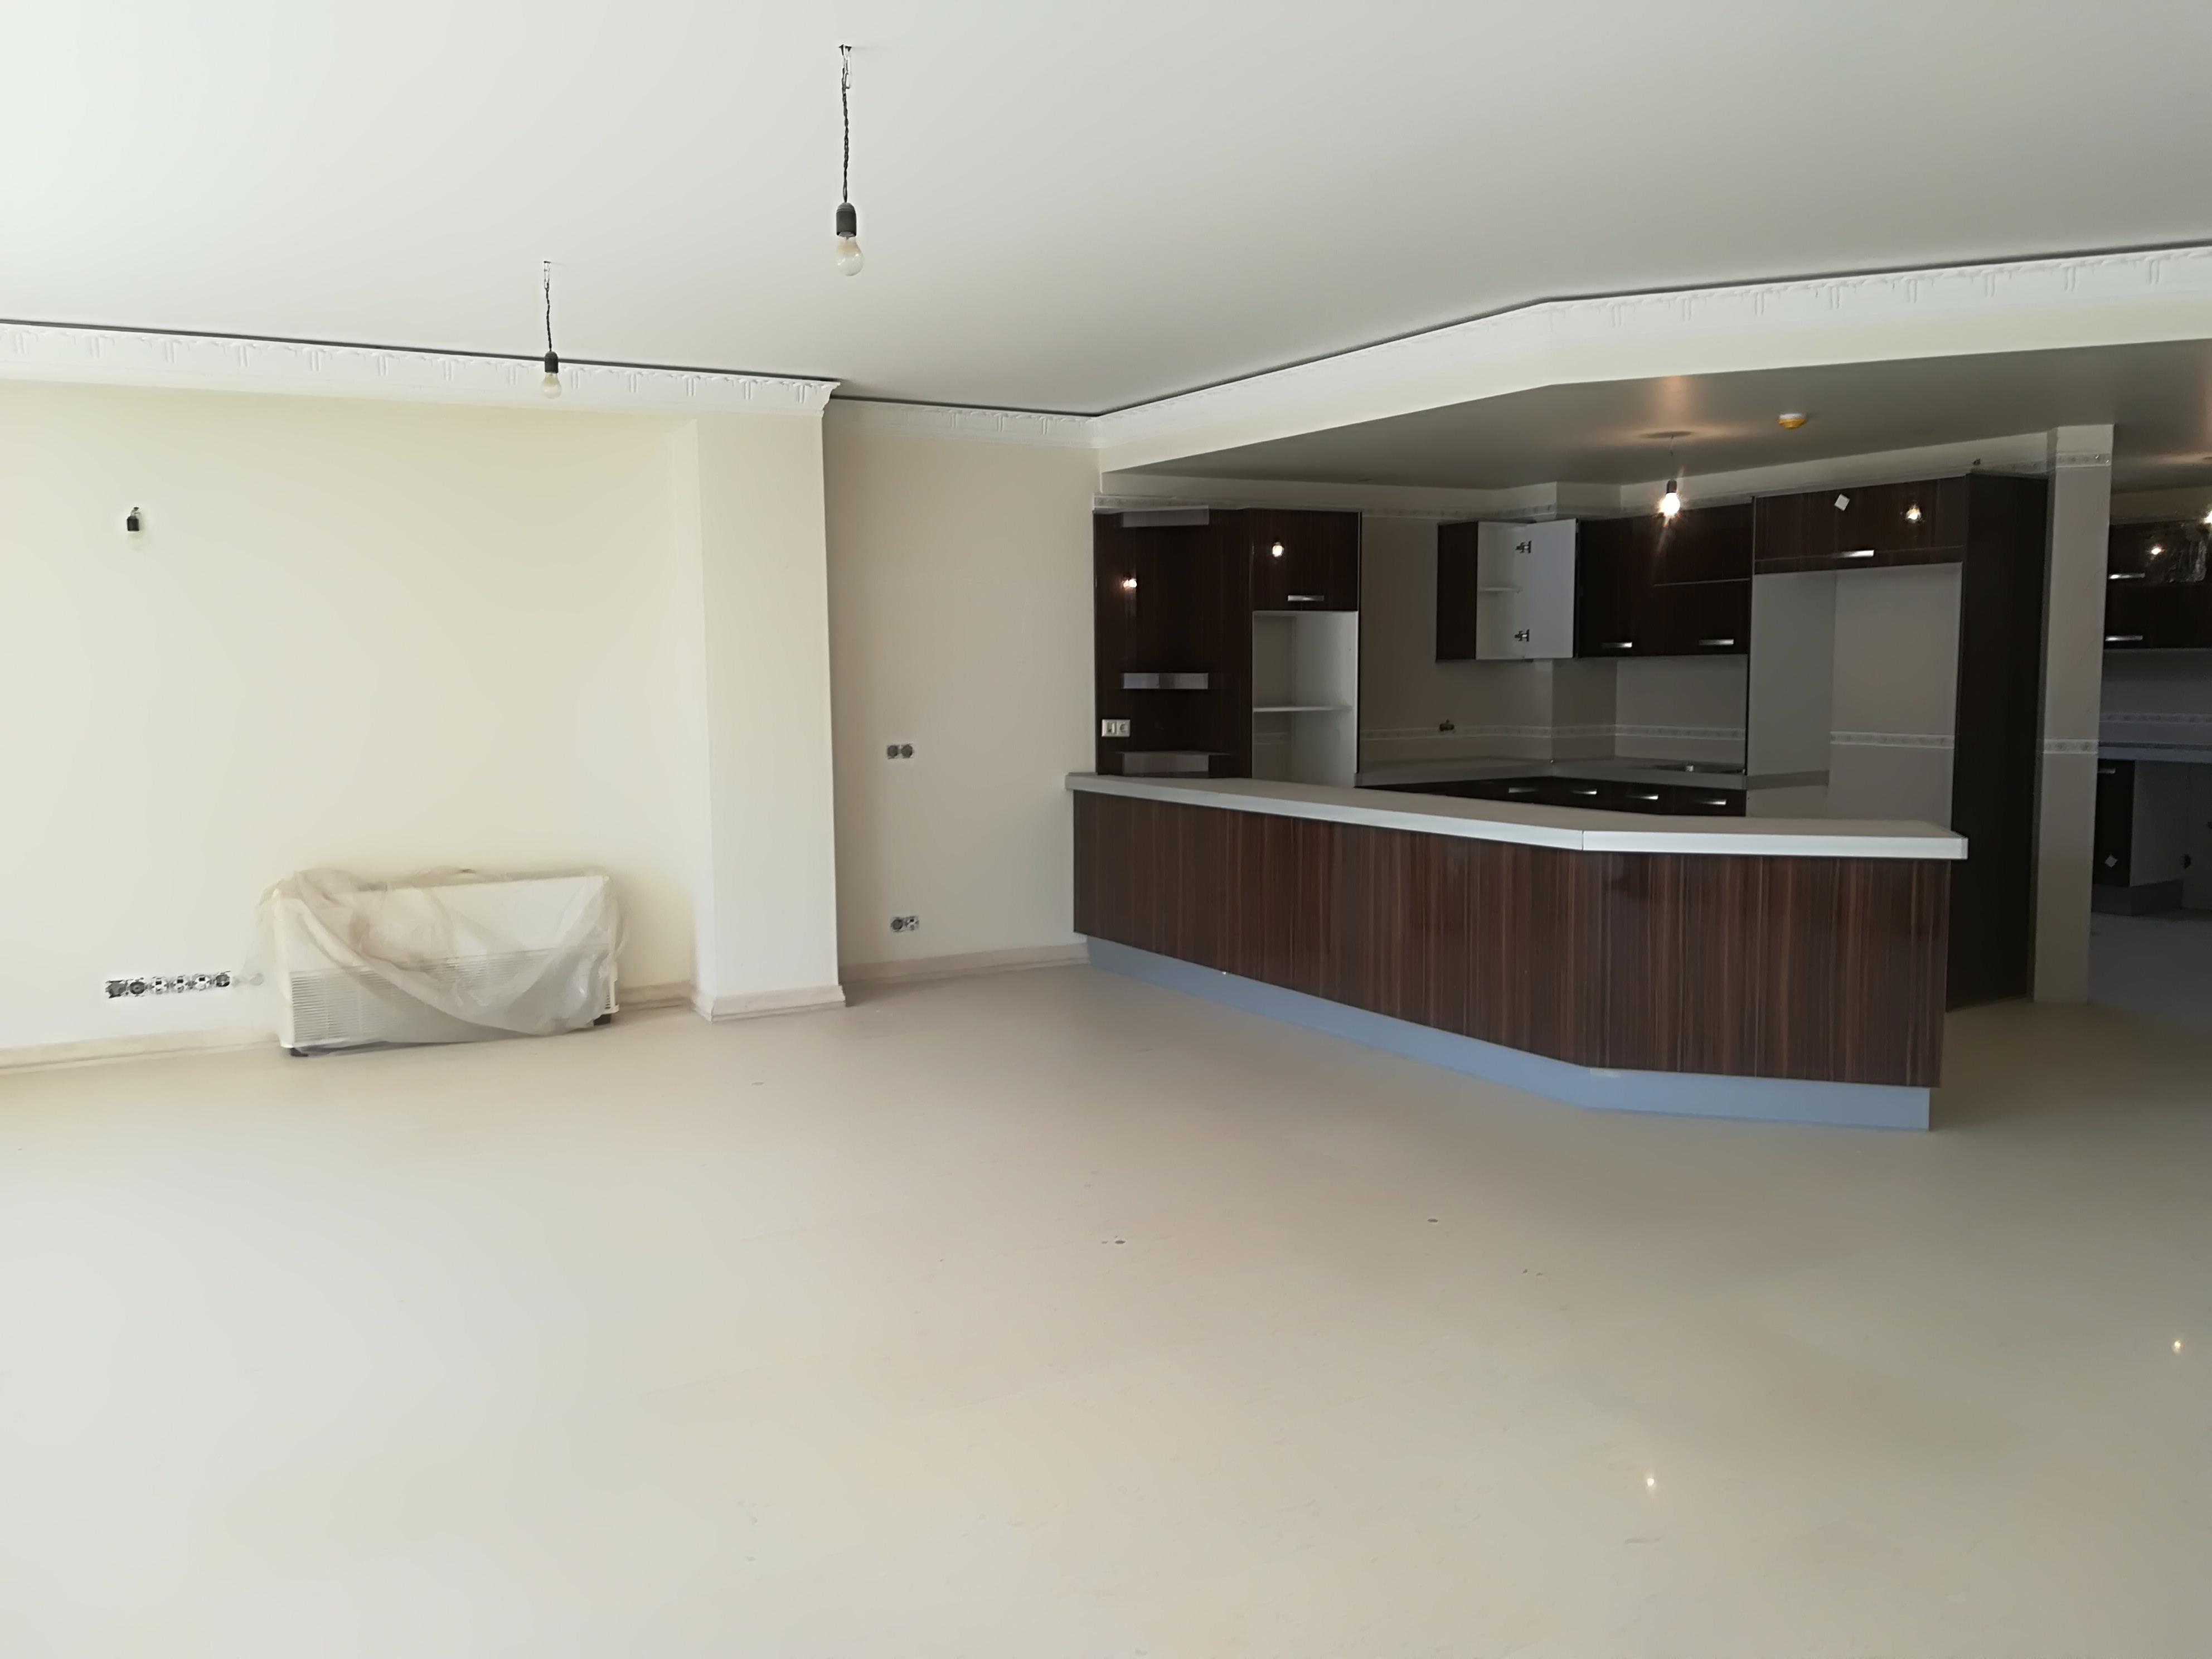 اجاره آپارتمان در نظر اصفهان - رهن و اجاره اپارتمان در اصفهان | سراملک